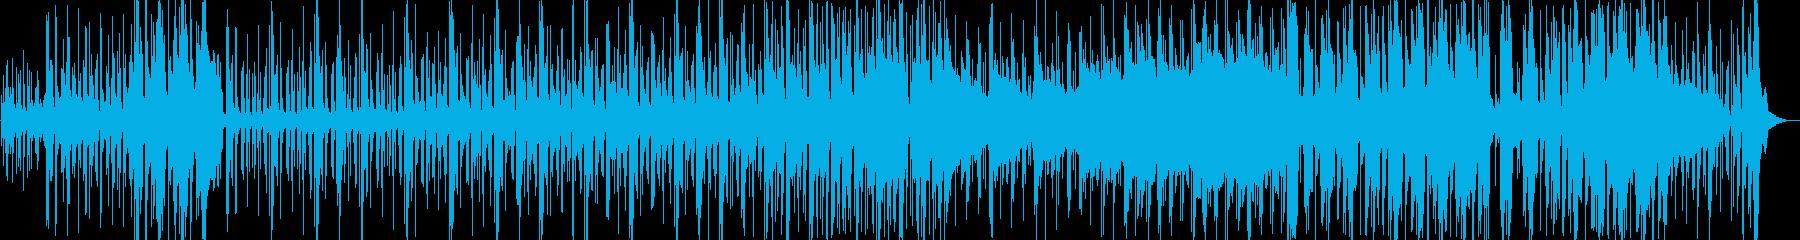 琴で春を迎えるポップで横ノリなループ曲の再生済みの波形